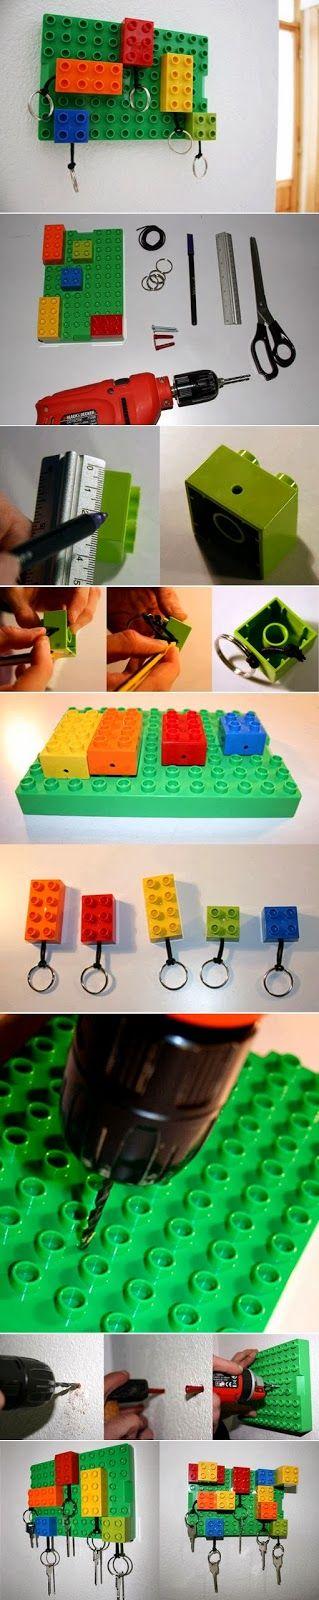 My DIY Projects: Diy Lego Key Hanger